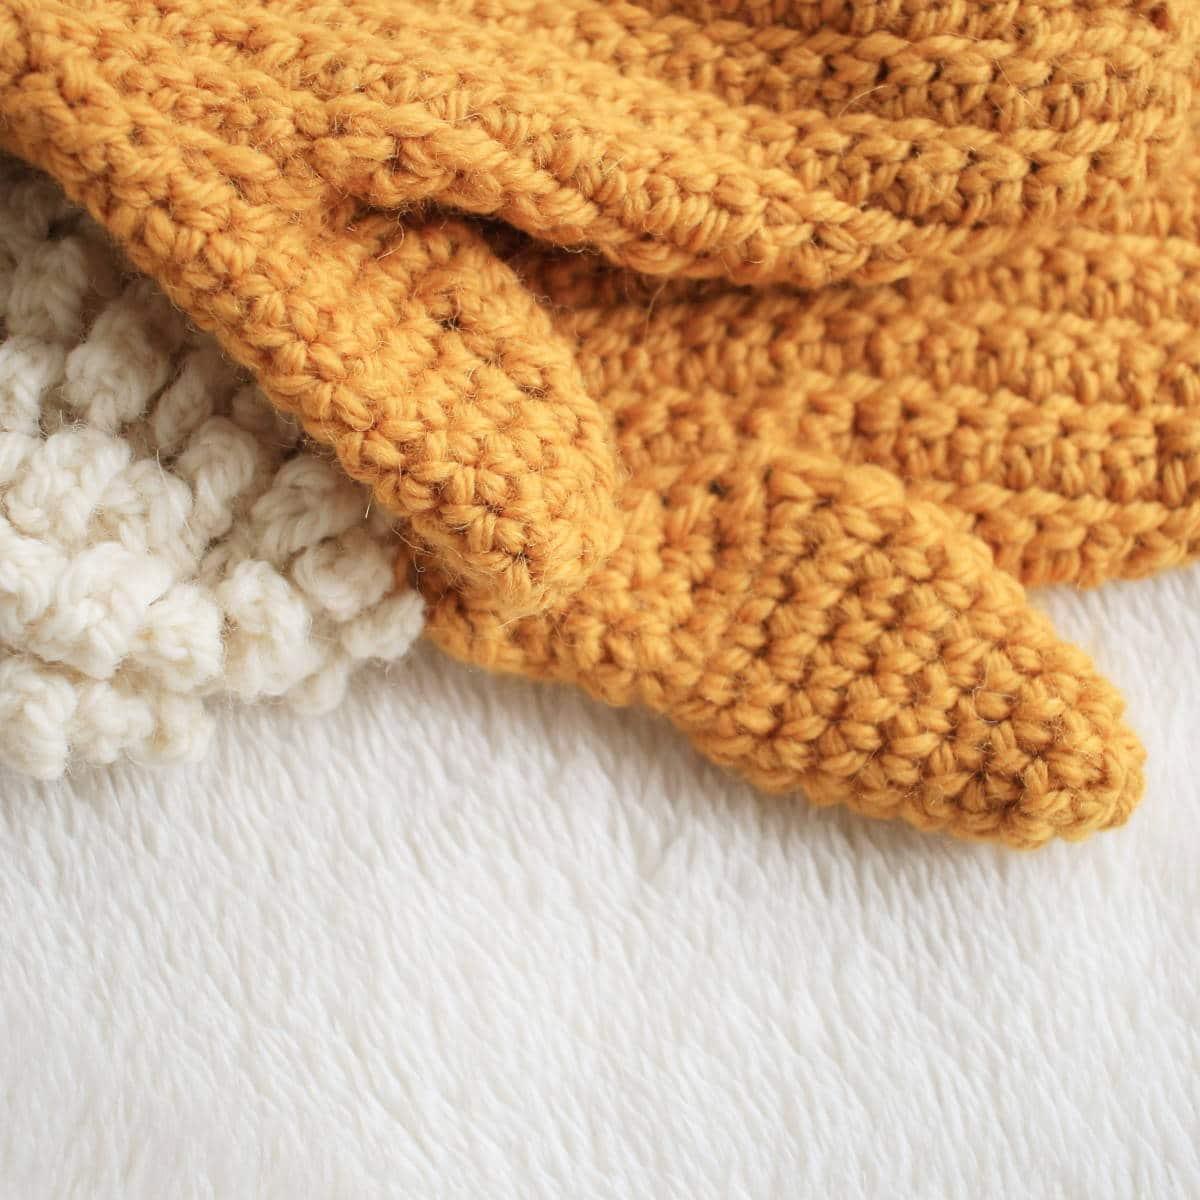 Winter Spun Mitten Adult thumb closeup